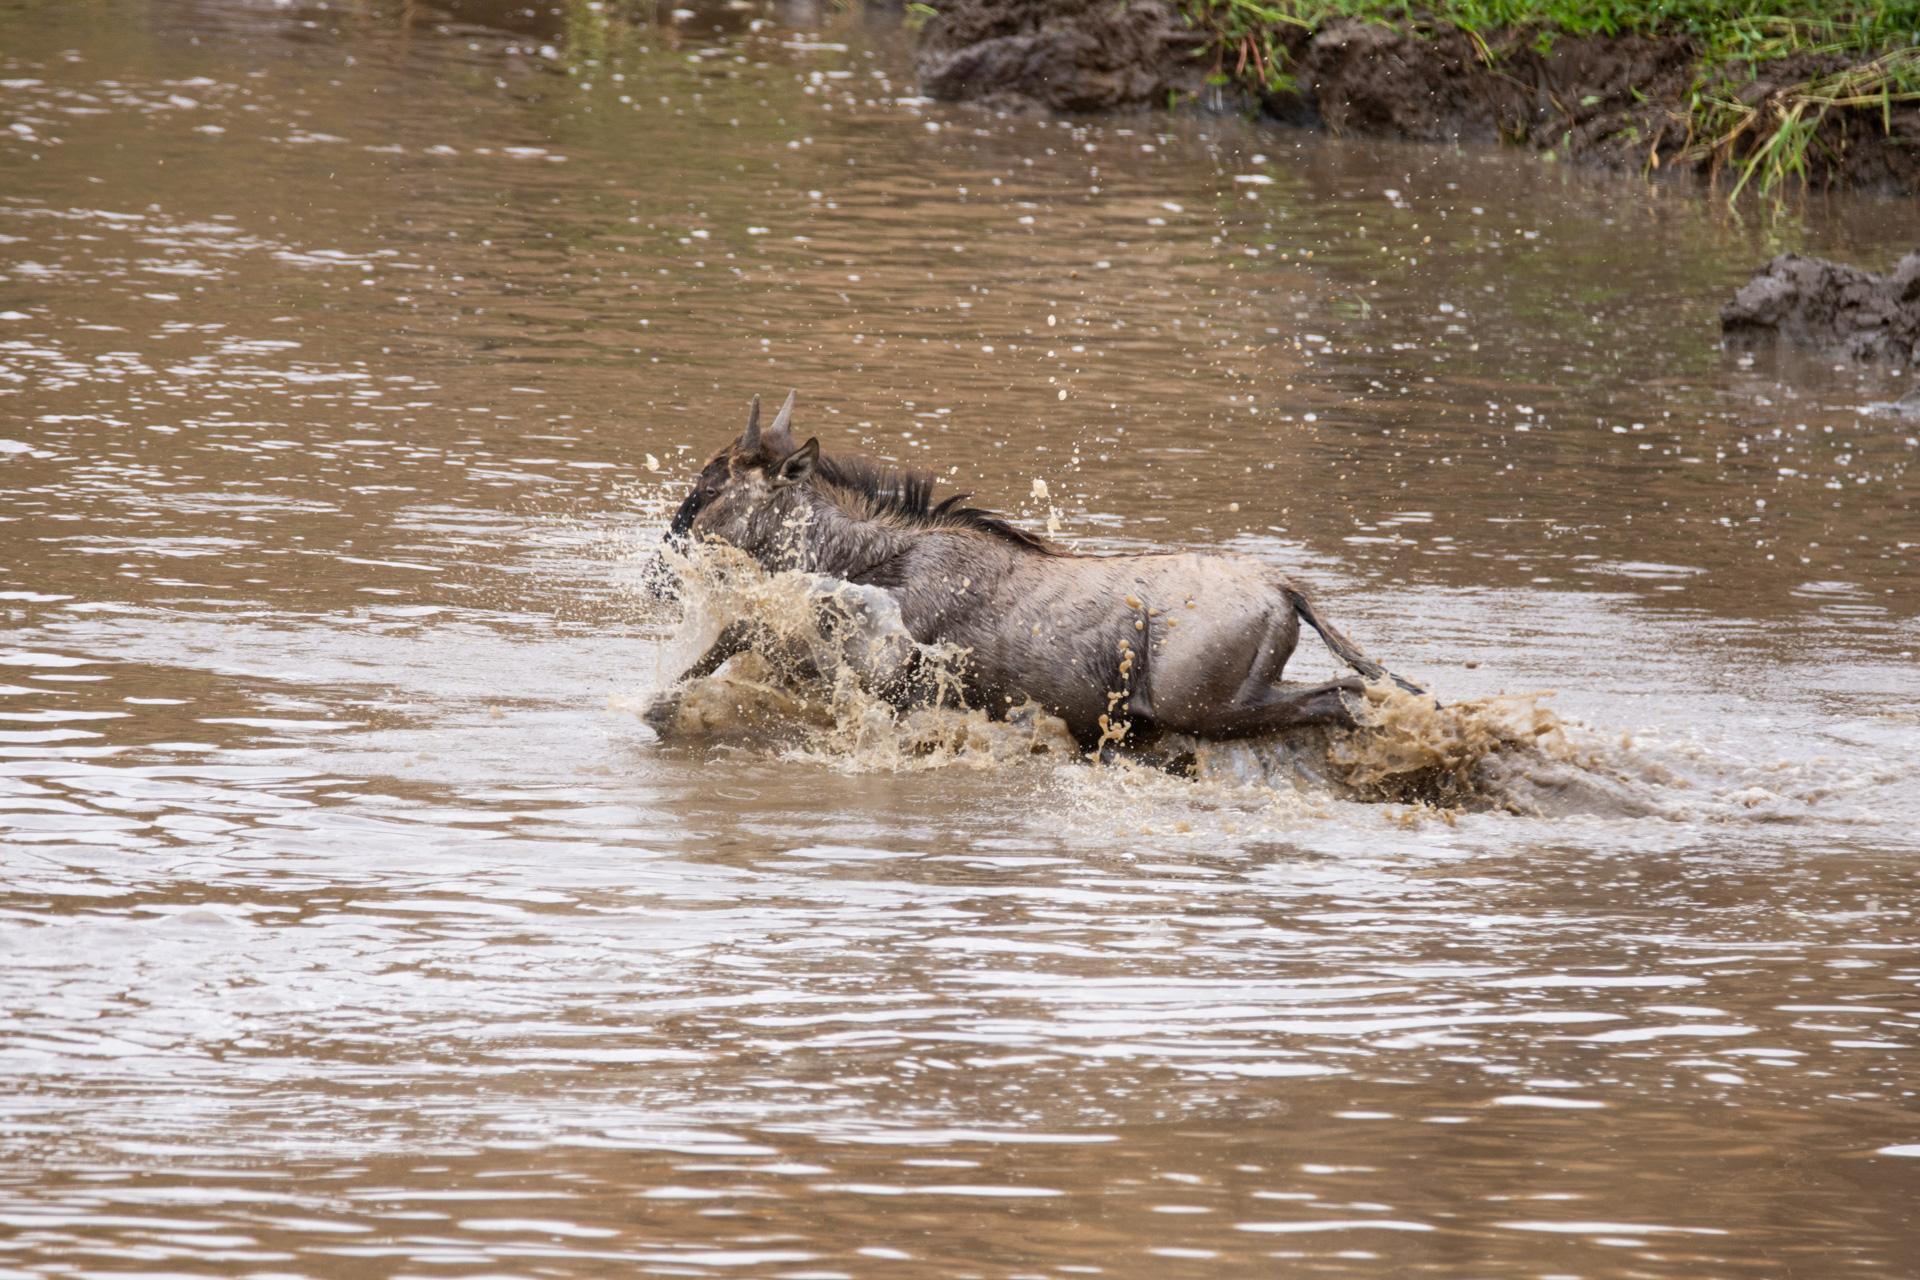 Wildebeest croc